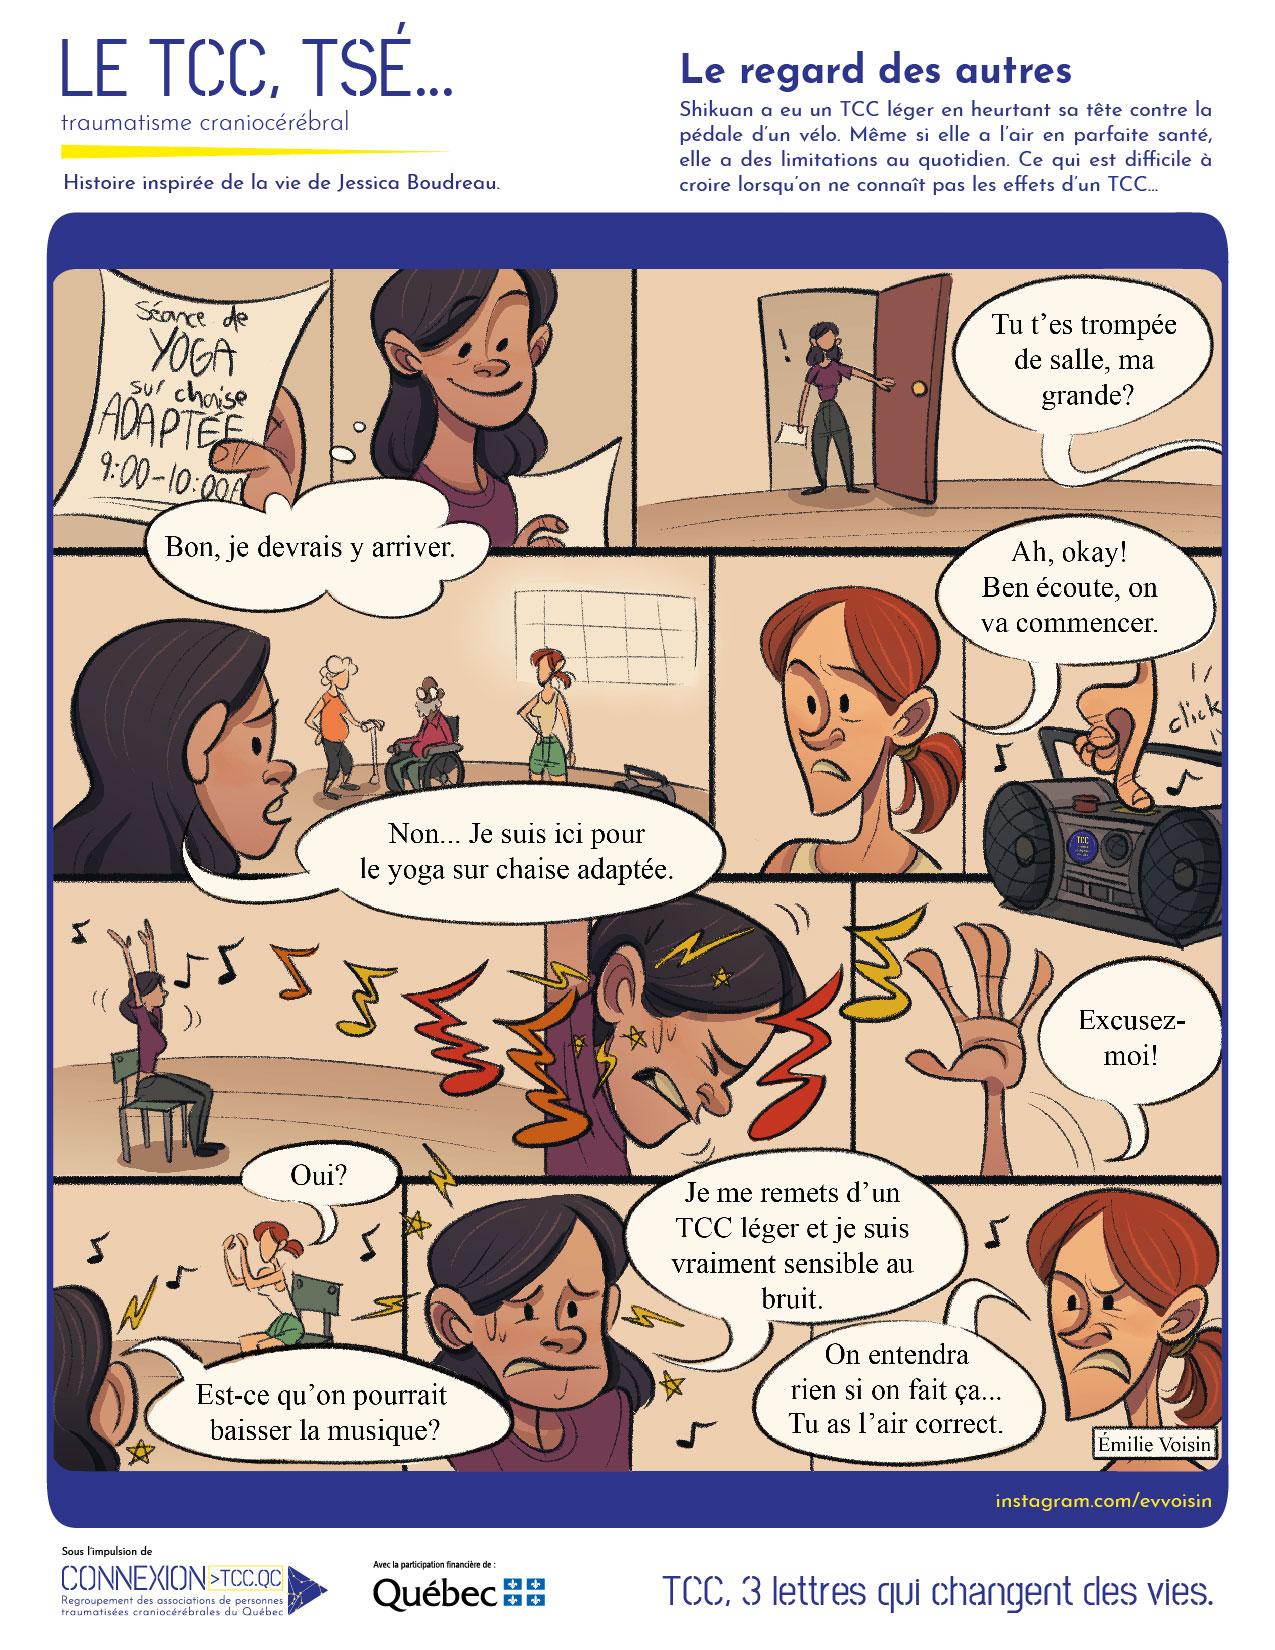 """BD issue de la série """"Le TCC, tsé..."""". Histoire inspirée de la vie de Jessica Boudreau. Mise en contexte : Shikuan a eu un TCC léger en heurtant sa tête contre la pédale d'un vélo. Même si elle a l'air en parfaite santé, elle a des limitations au quotidien. Ce qui est difficile à croire lorsqu'on ne connaît pas les effets d'un TCC... Illustration : Shikuan lit le papier qu'elle tient dans sa main : """"Séance de yoga sur chaise adaptée, 9:00-10:00"""". Elle pense :"""" Bon, je devrais y arriver"""" et entre dans la salle. Quelqu'un l'accueille alors en lui demandant :""""Tu t'es trompée de salle ma grande ?"""". Elle se retrouve face aux autres participants (âgés, l'une avec une canne et l'autre dans un fauteuil roulant) et répond :""""Non... Je suis ici pour le yoga sur chaise adaptée."""" """"Ah, okay ! Ben écoute, on va commencer."""" dit la coach puis elle lance la musique. Le cours commence avec une série de mouvements à faire et on voit que Shikuan a des diffultés à suivre et que la musique lui semble forte. Elle interromp le cours et demande s'il est possible de baisser la musique. Elle explique :""""Je me remets d'un TCC léger et je suis vraiment sensible au bruit."""" La coach, l'air froid lui répond :""""On entendra rien si on fait ça... Tu as l'air correct."""""""